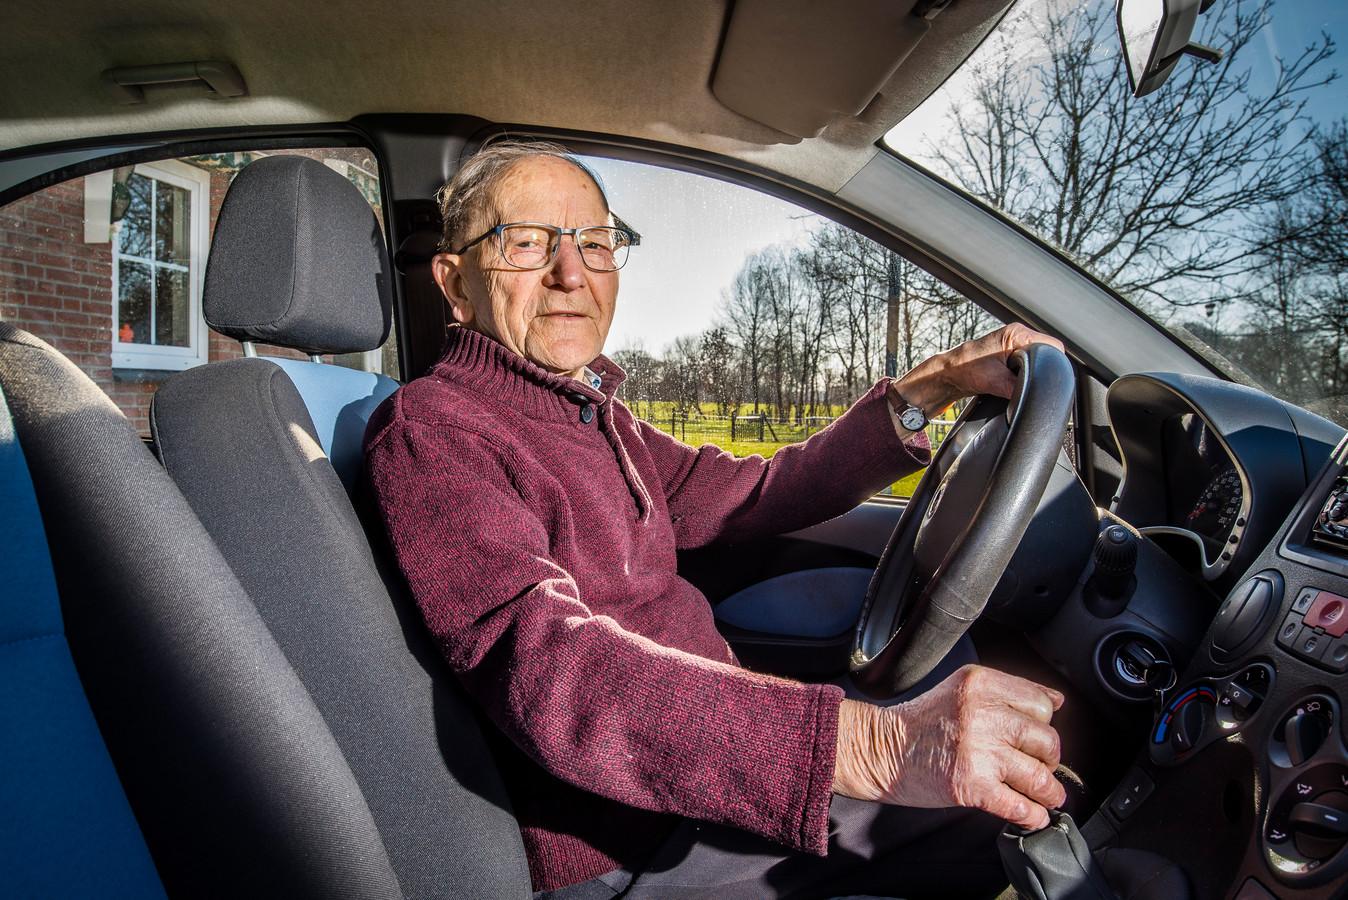 Gerard Kamphuis vierde vandaag zijn honderdste verjaardag. De kwieke inwoner van Lattrop heeft net zijn rijbewijs verlengd voor vijf jaar.